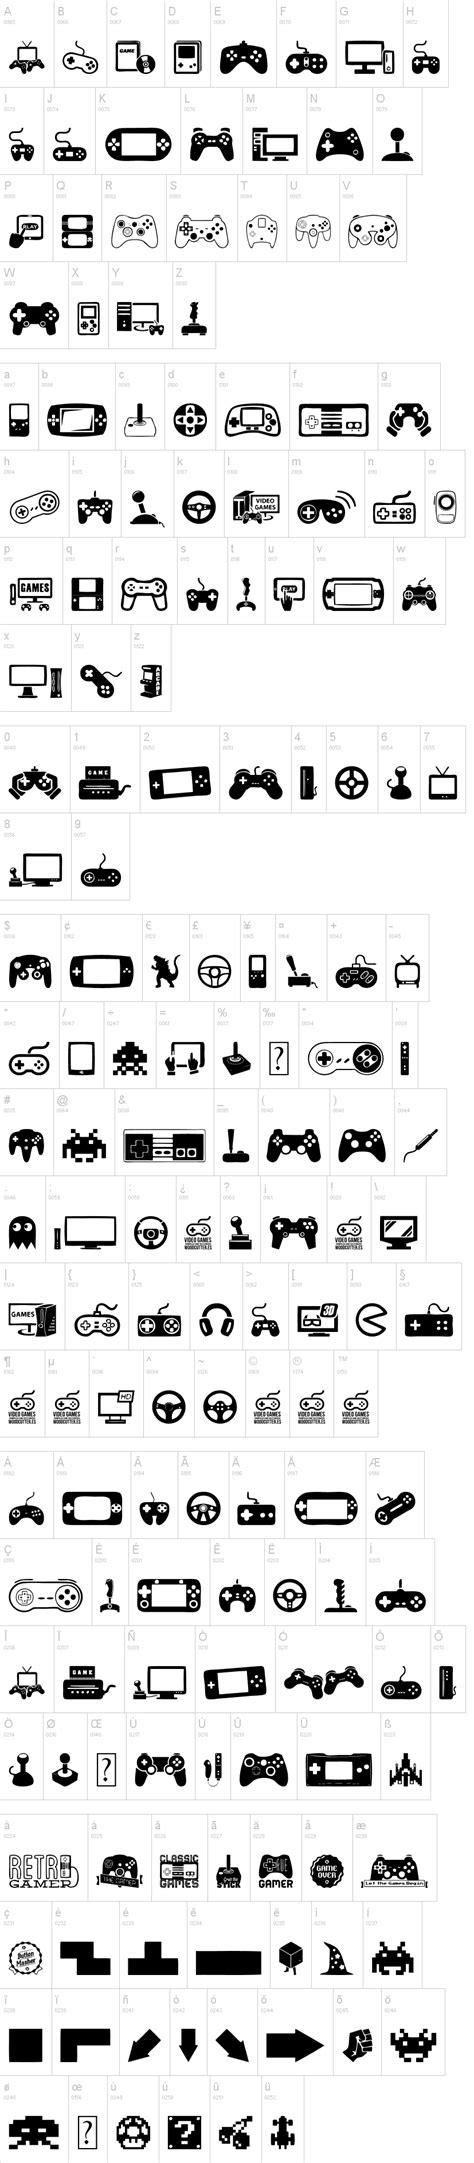 dafont vcr video games font dafont com